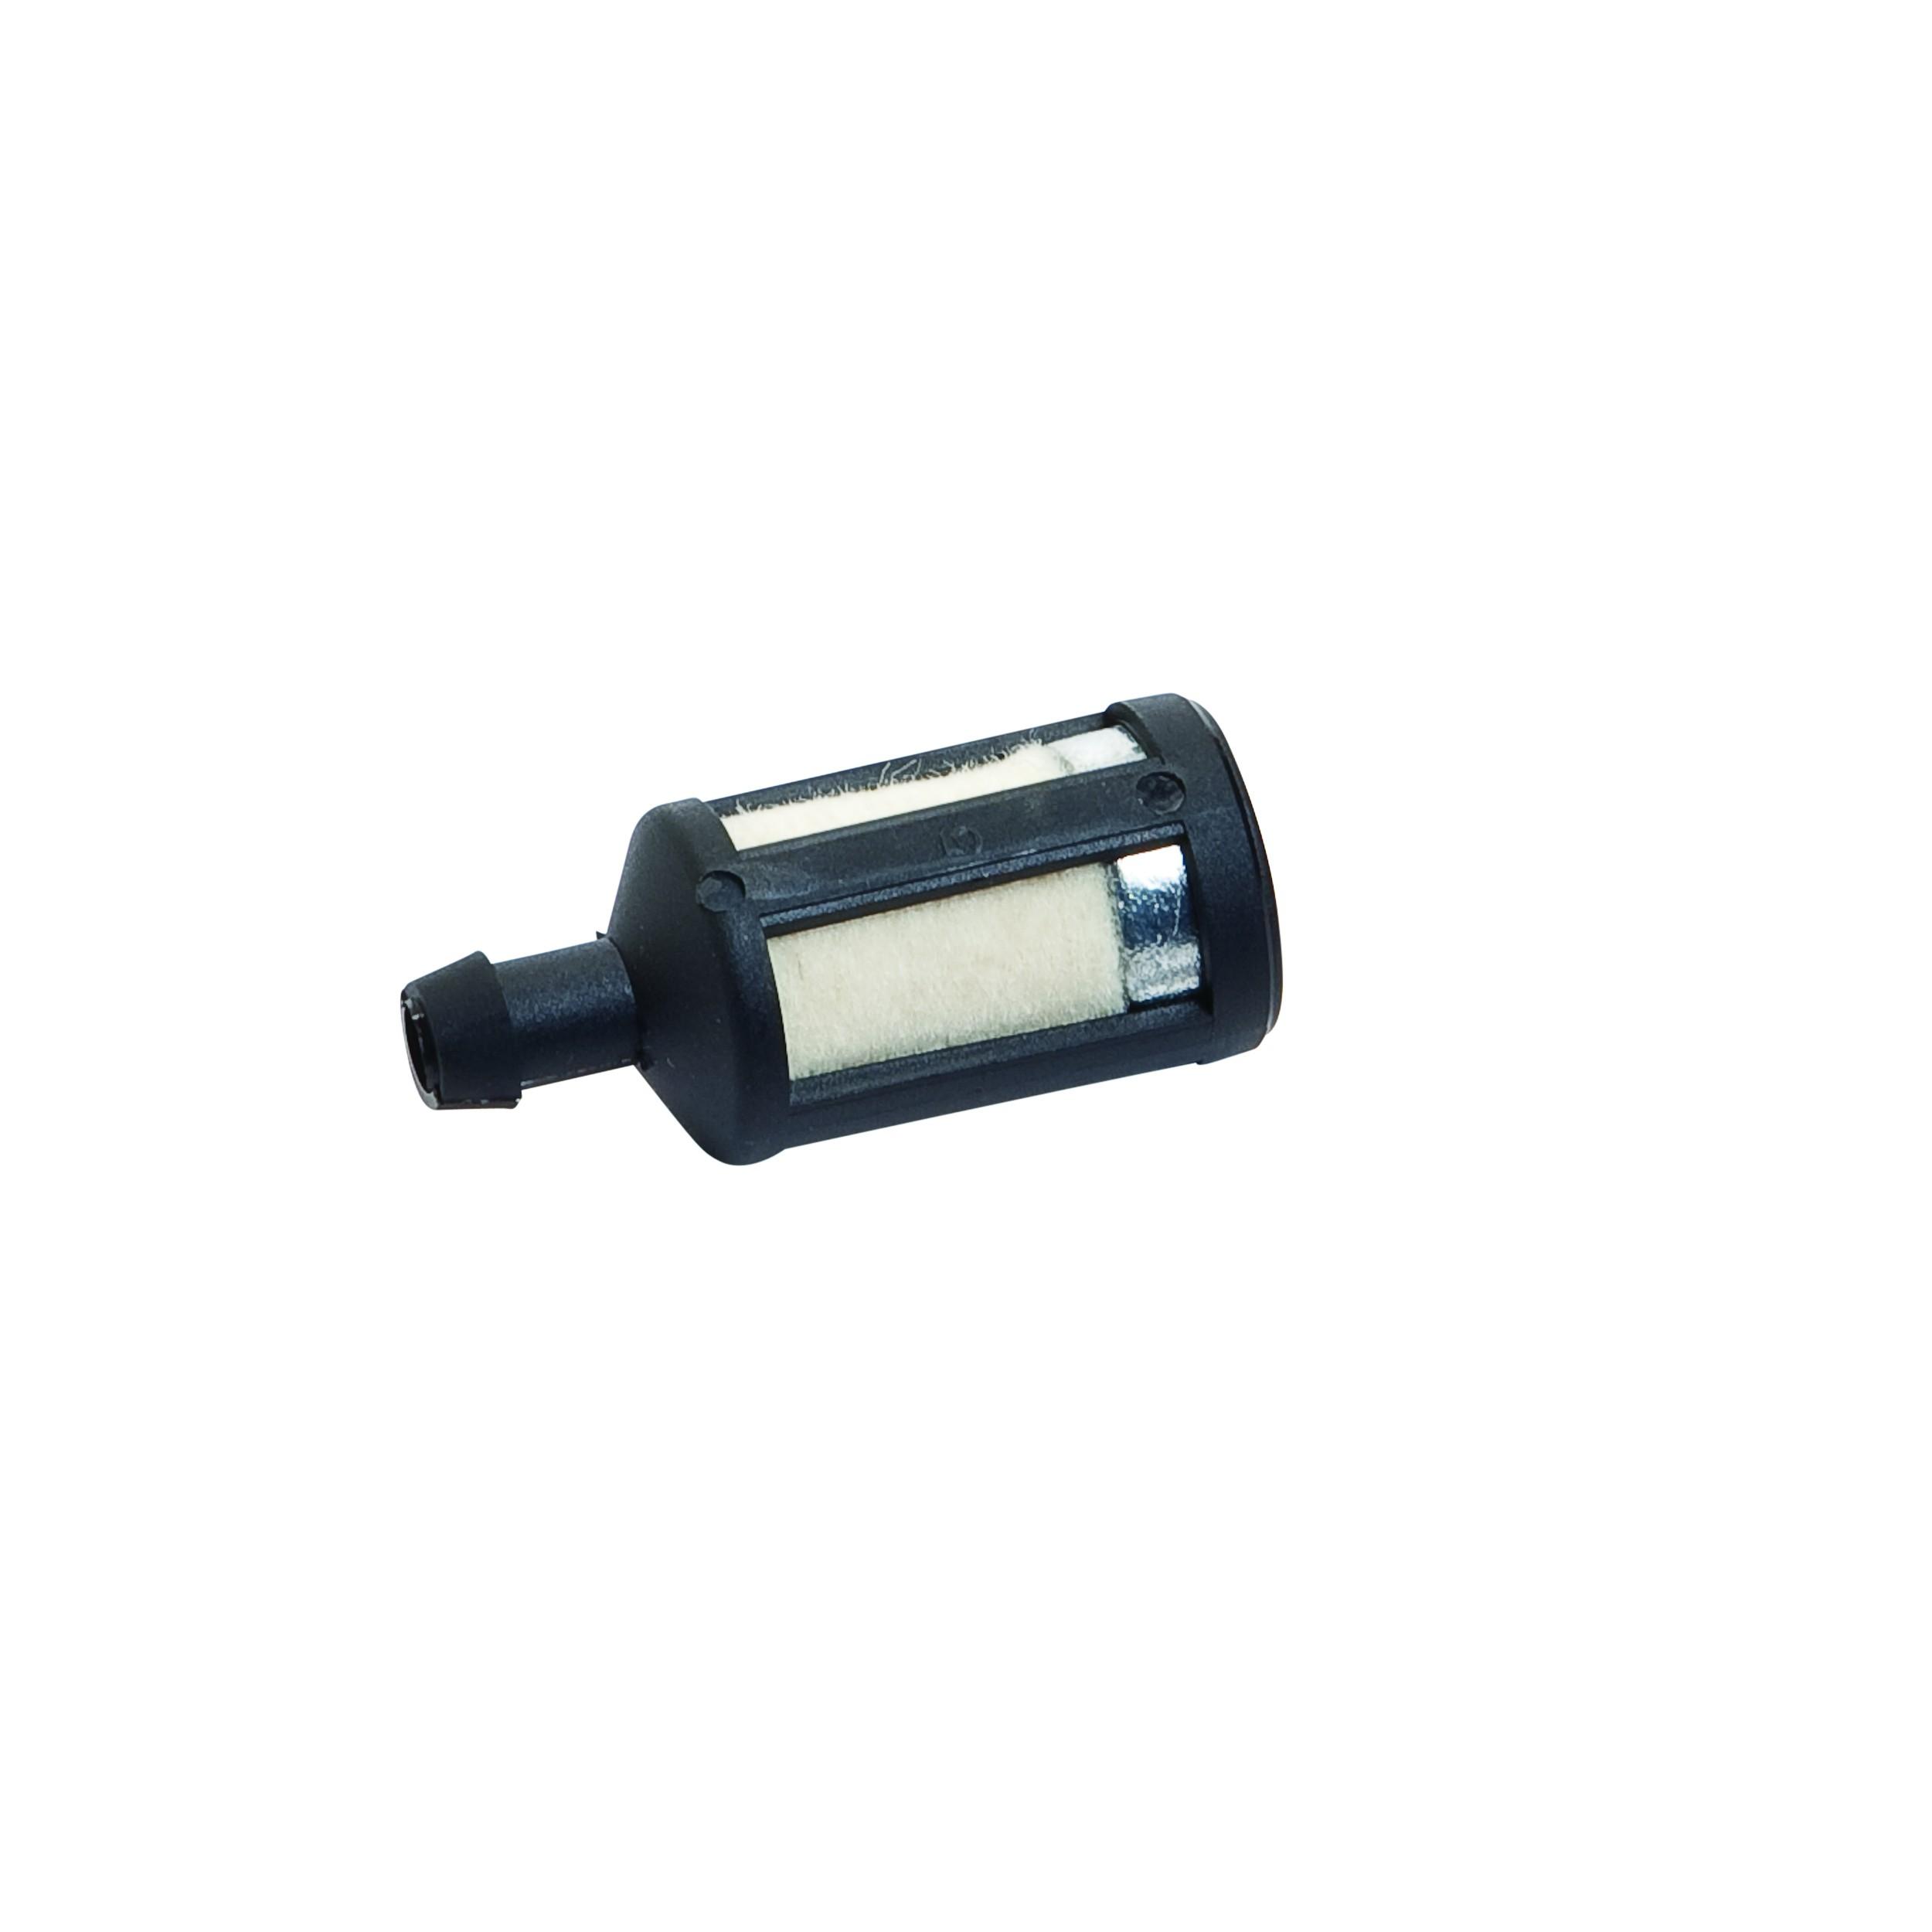 Palivový filtr (typ ZAMA ZF-5) hrdlo 6,35mm